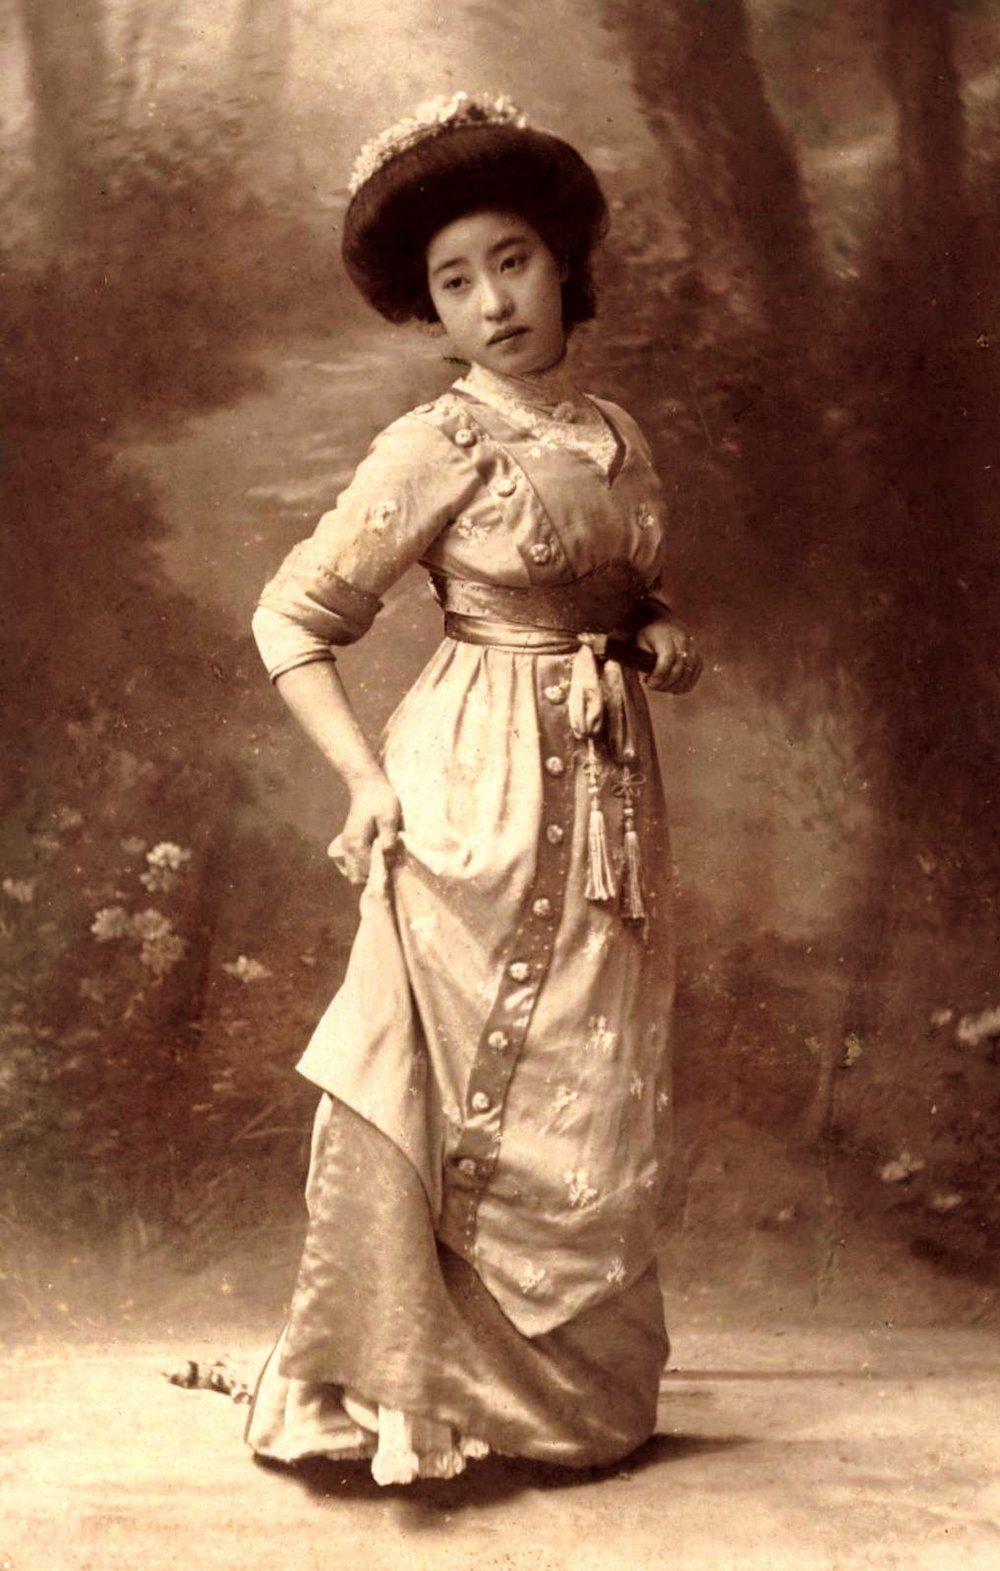 Портреты молодых гейш 1900-х годов (18 фото)